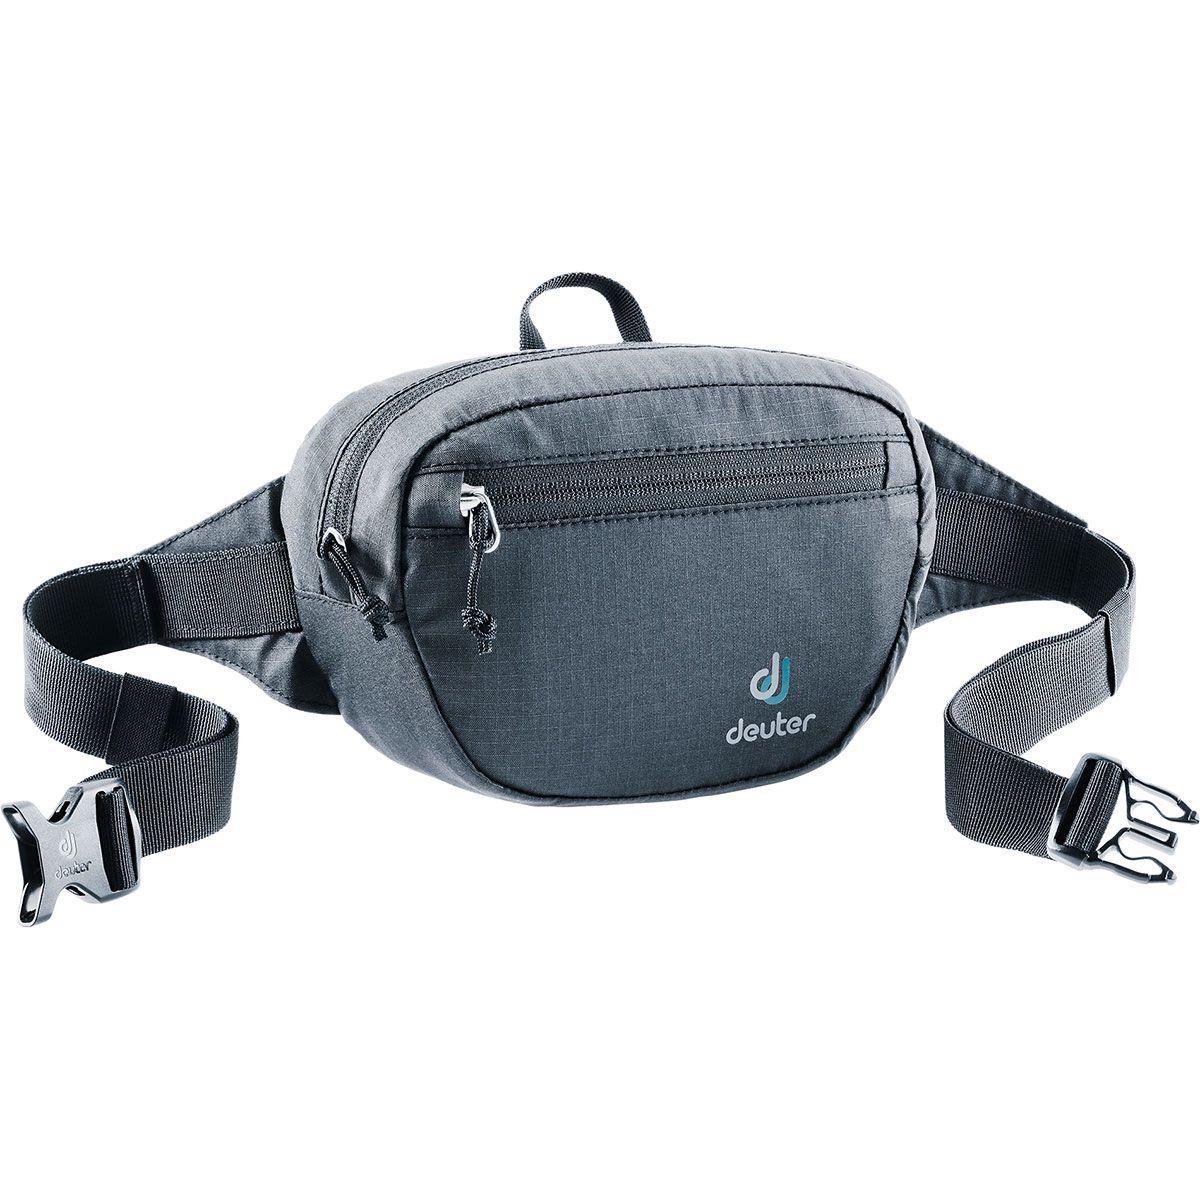 (Douglas) Deuter Organizer Belt Hüfttasche (2020)